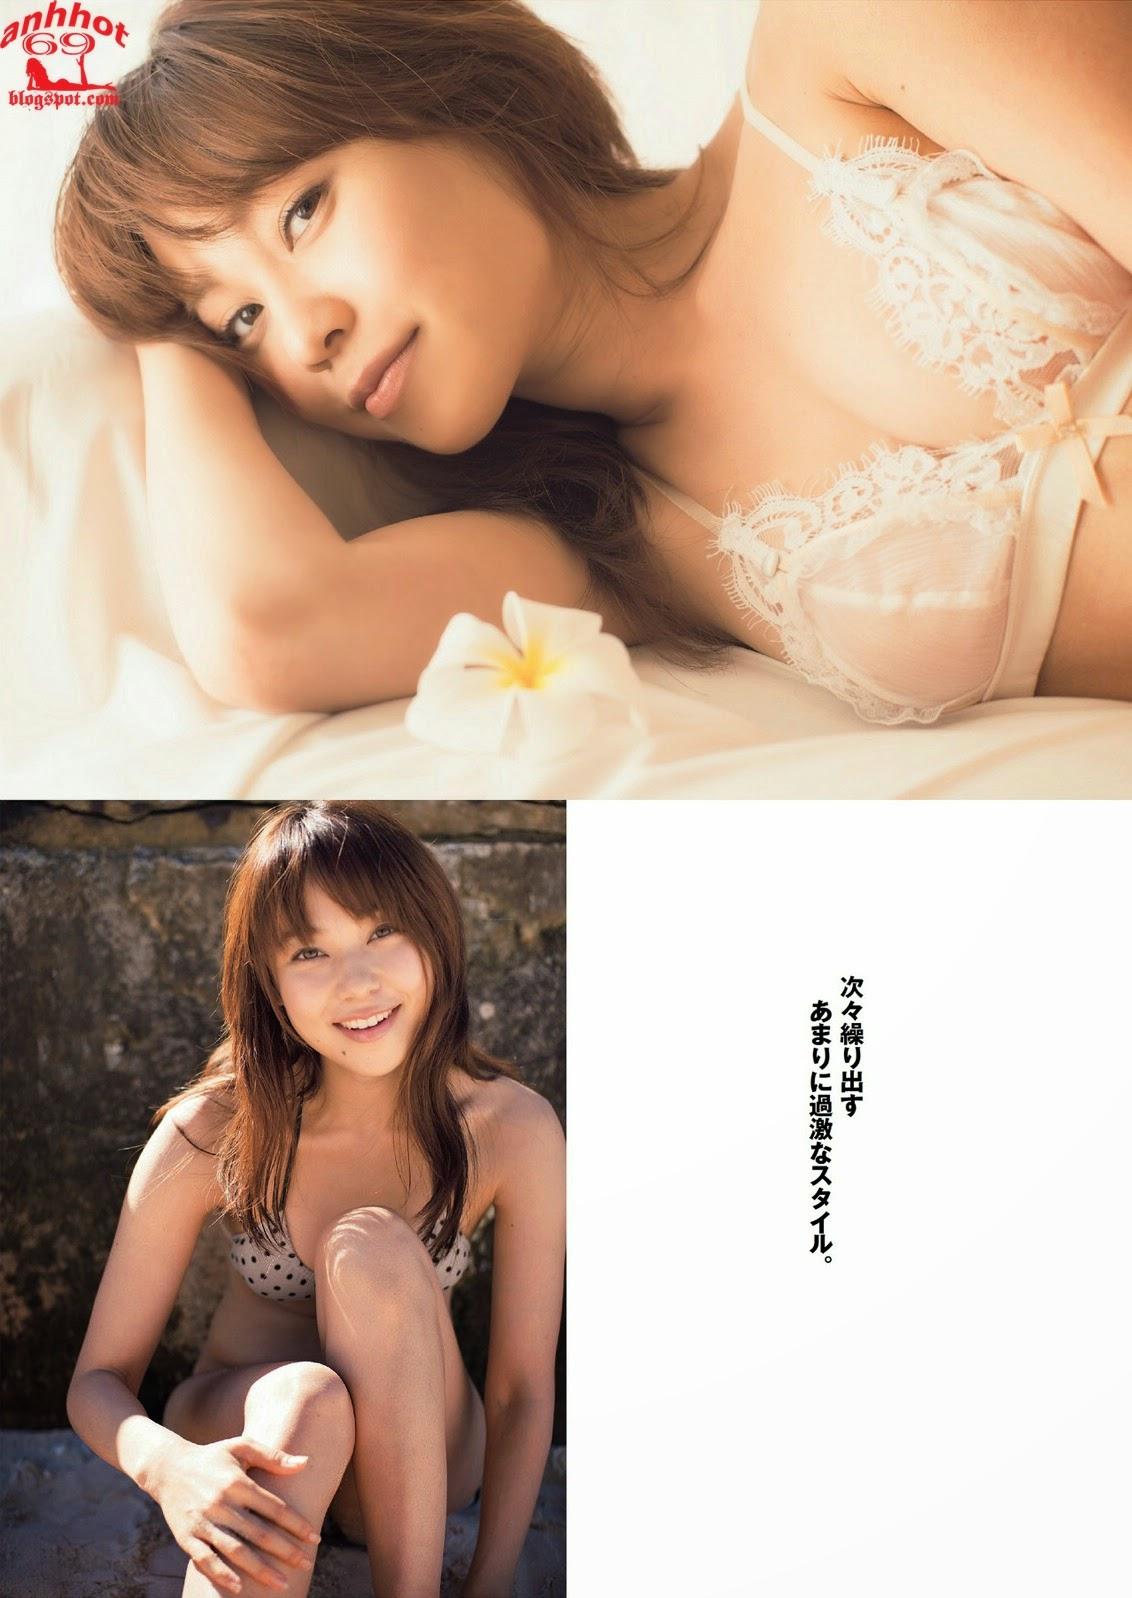 mayuko-nagasaki-02548760